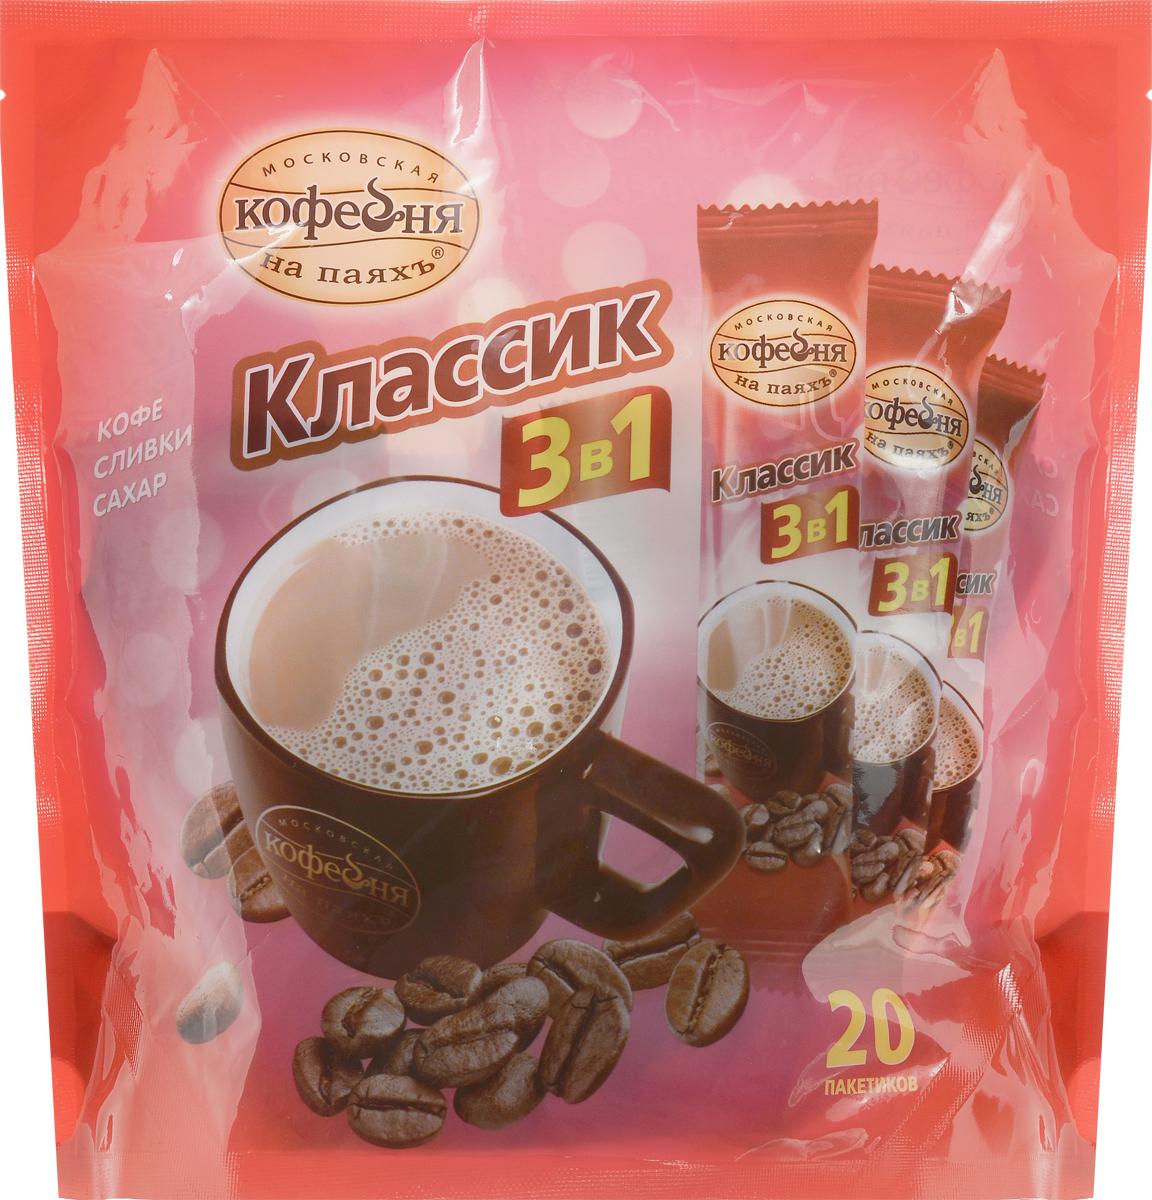 Московская кофейня на паяхъ Классик 3 в 1 напиток кофейный растворимый в пакетиках, 20 шт